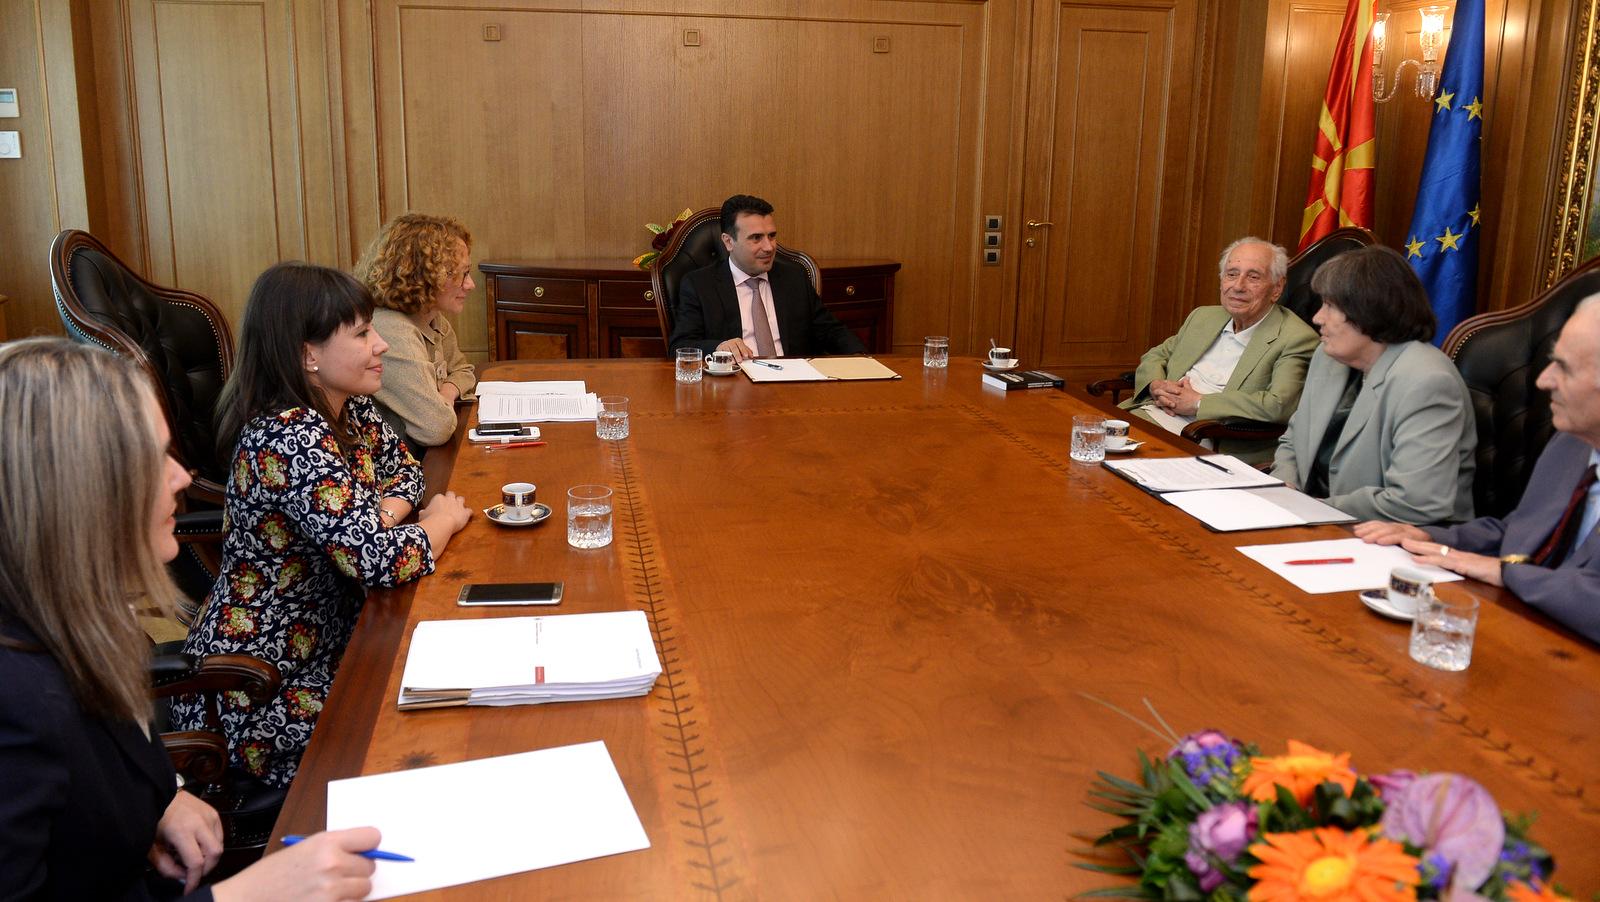 Заев вети средства за Сојузот на борци на Република Македонија за да продолжи да се негува традицијата и афирмираат придобивките од НОБ